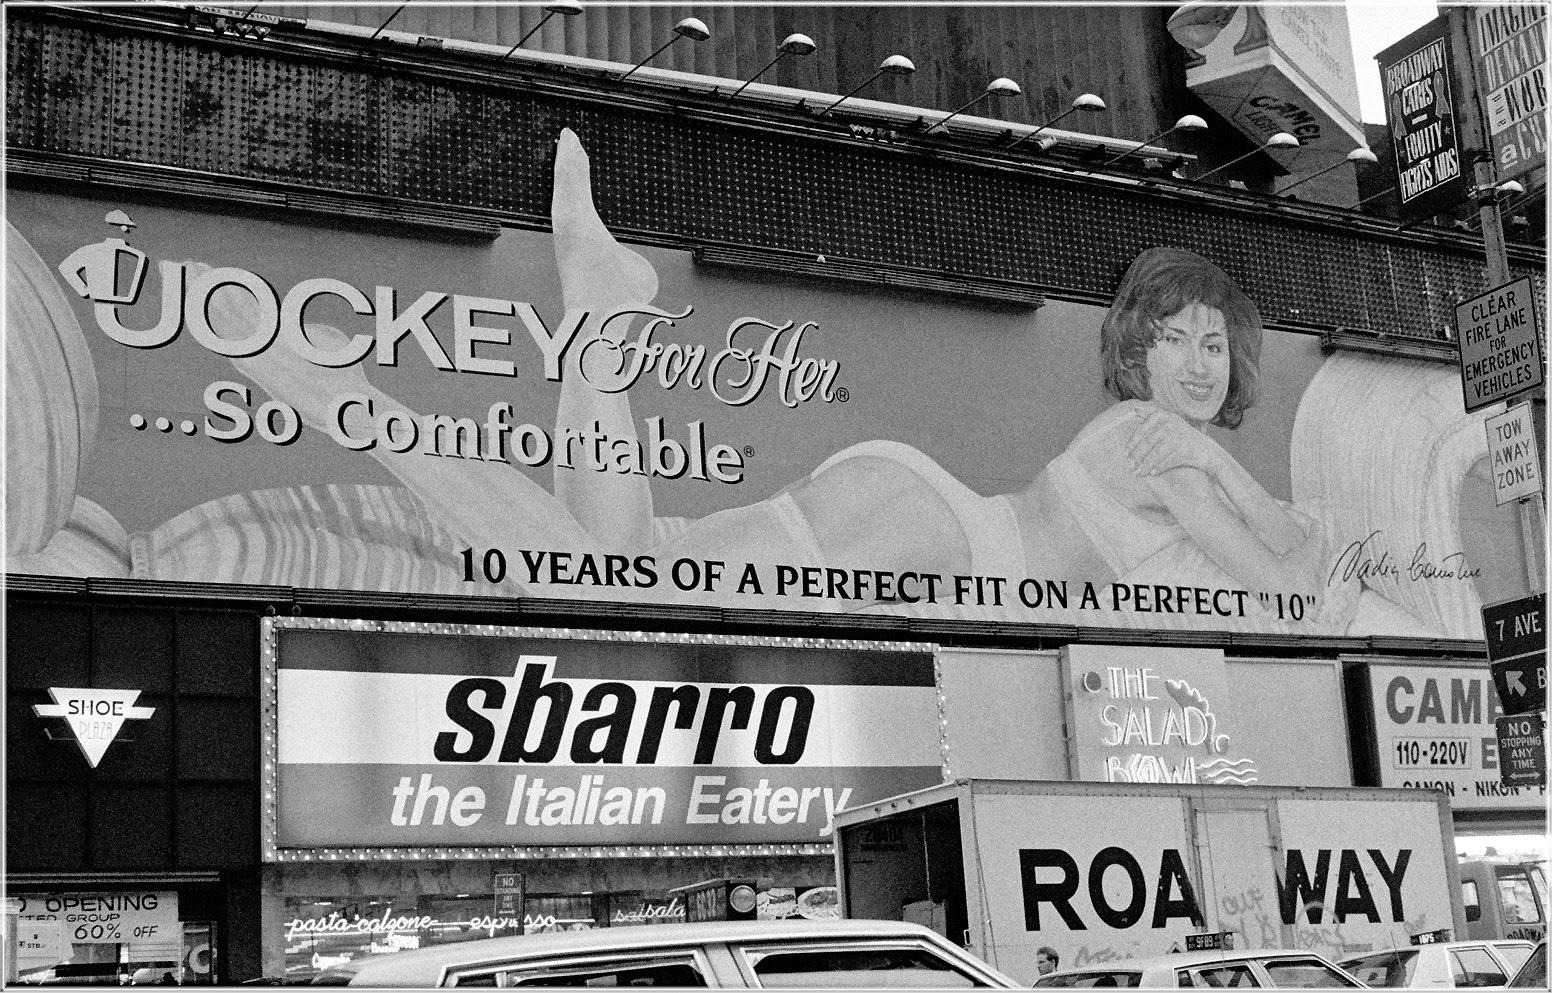 http://mattweberphotos.com/wp-content/uploads/TimesSq-Female-JockeyBillboard-1990-copy.jpg